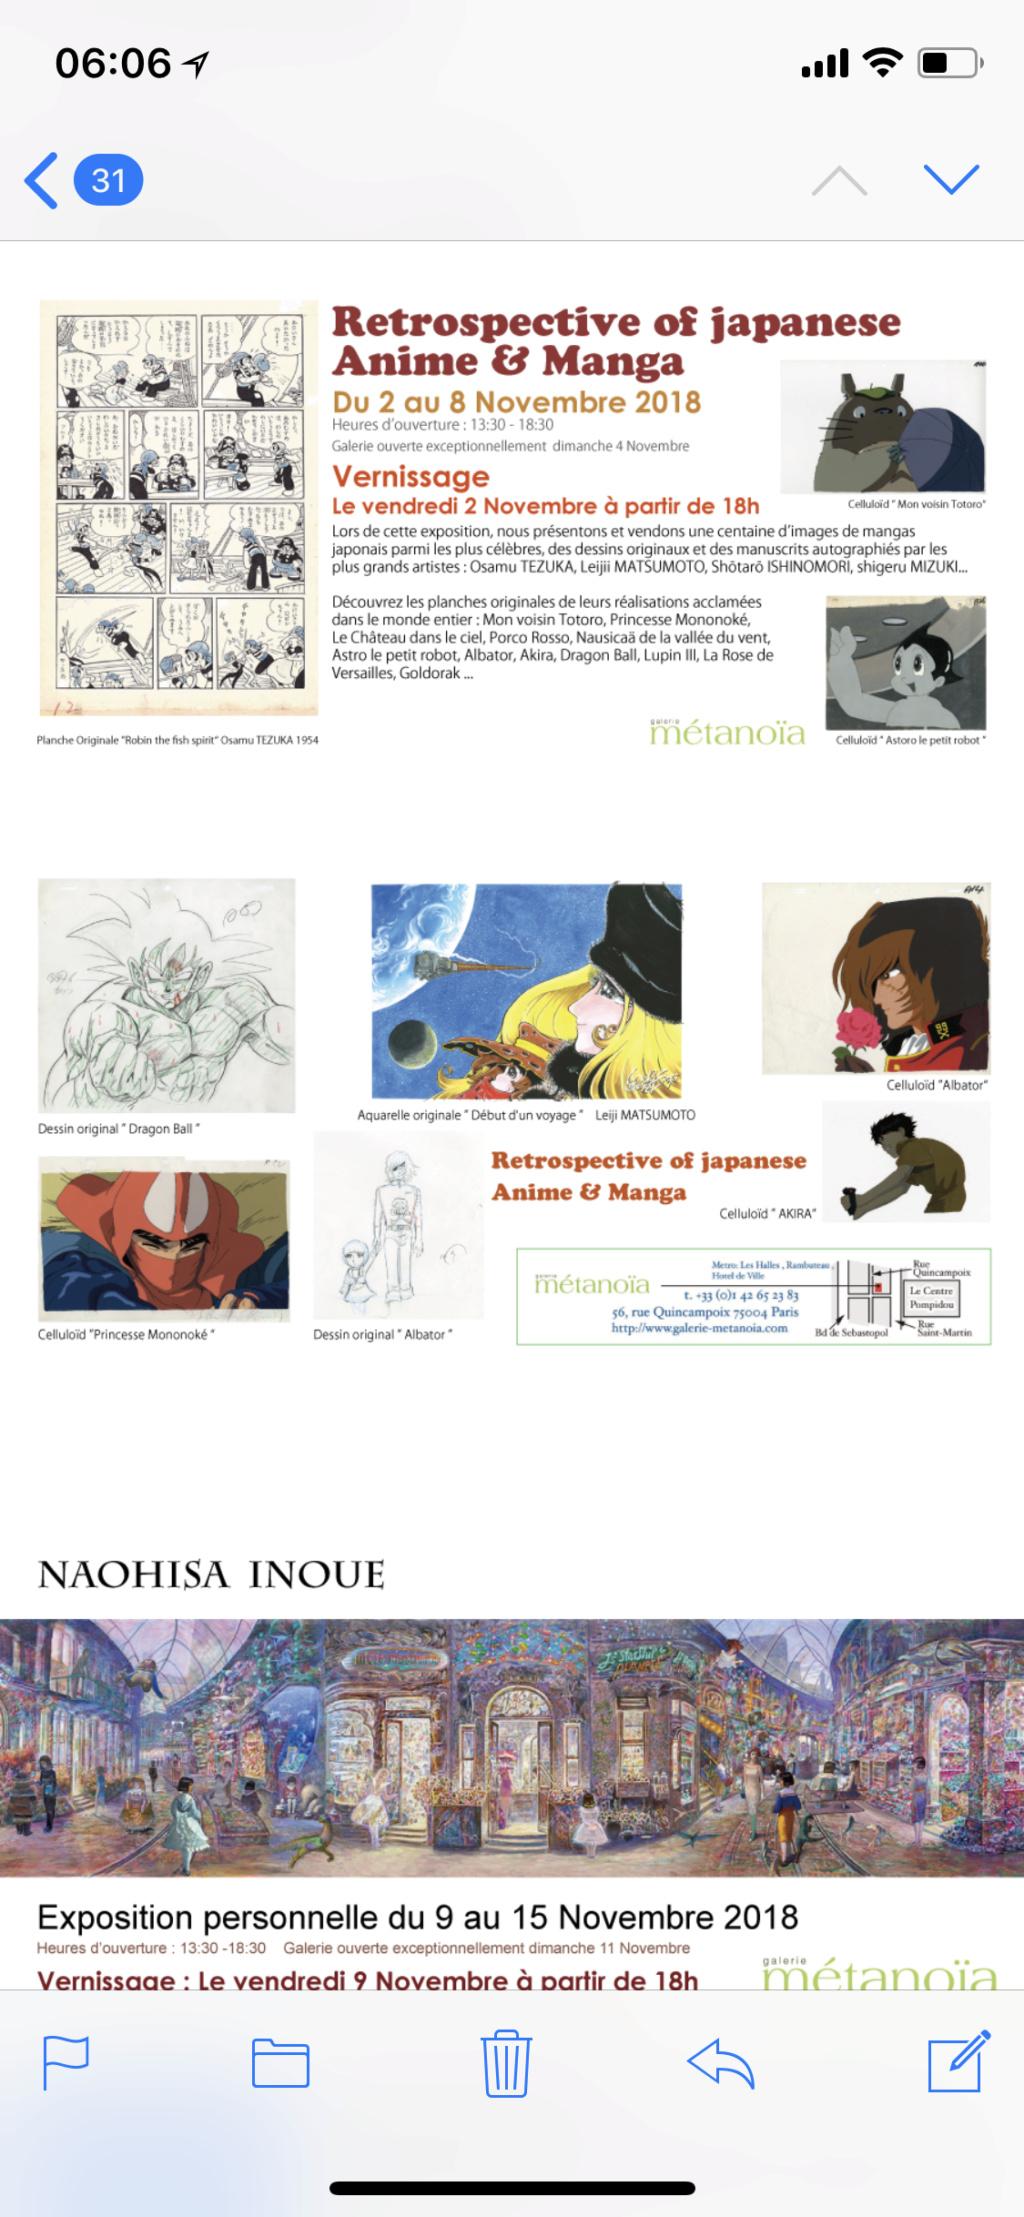 Expo vente Anime et manga 2-8 nov. Naohisa Inoue 9-15 nov galerie métanoia Img_2313